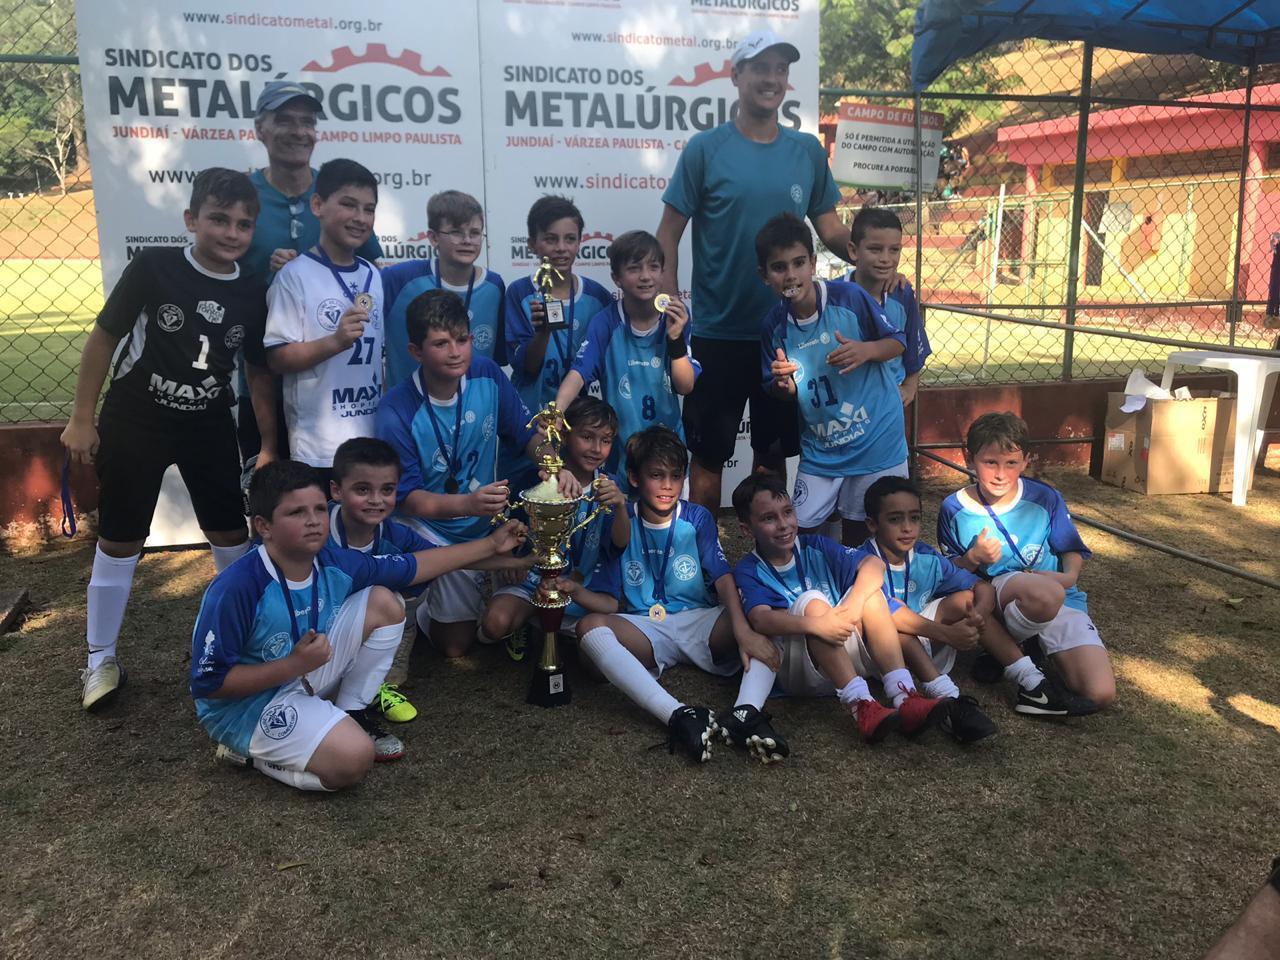 Futebol de Campo sub-13 - Campeão do Campeonato Aberto de Futebol